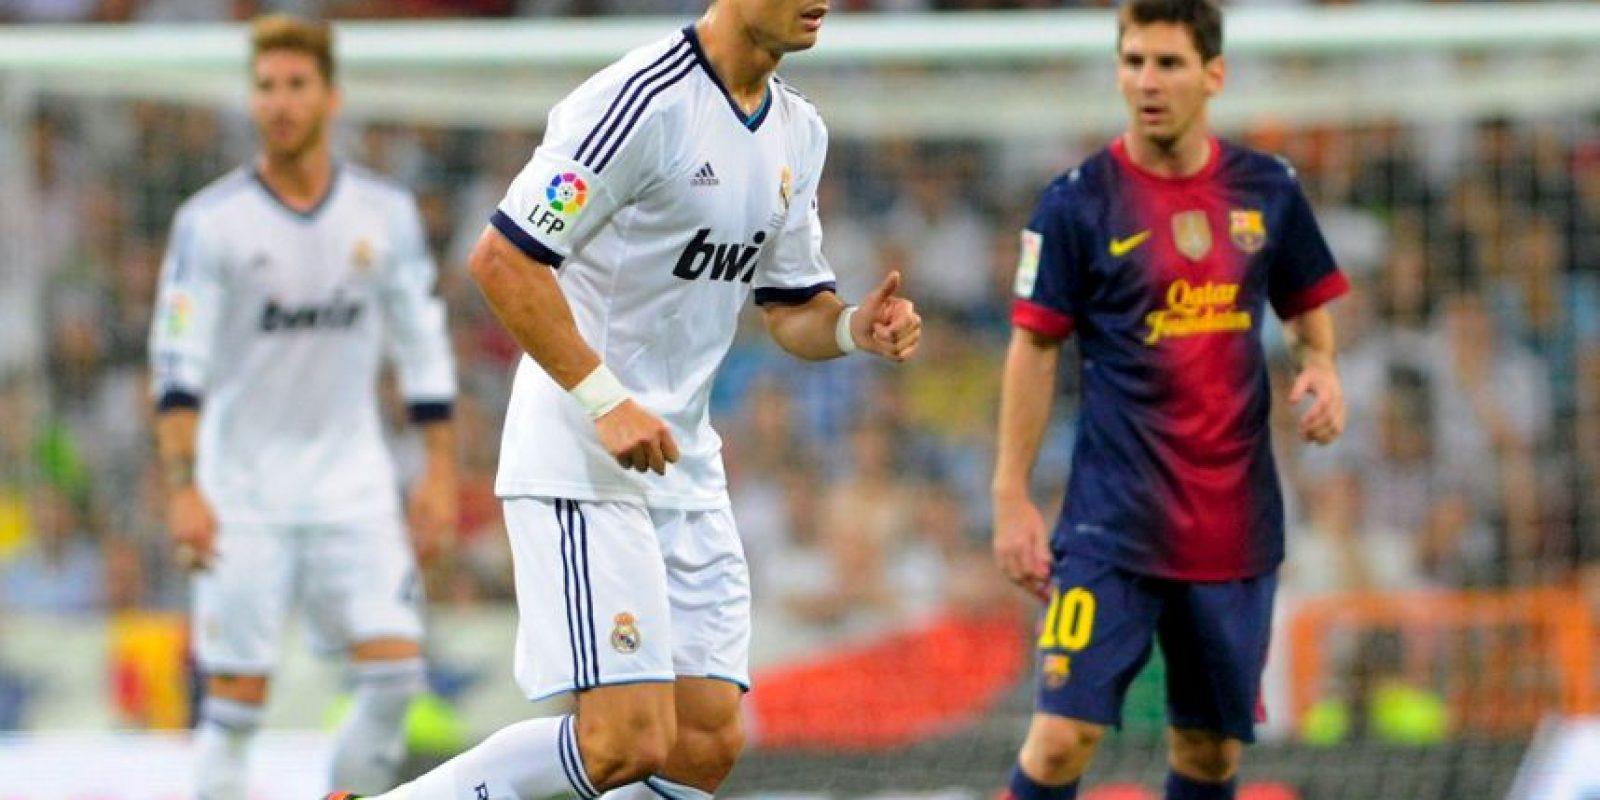 5. Dilemas tácticos para los entrenadores rivales Foto:Getty Images